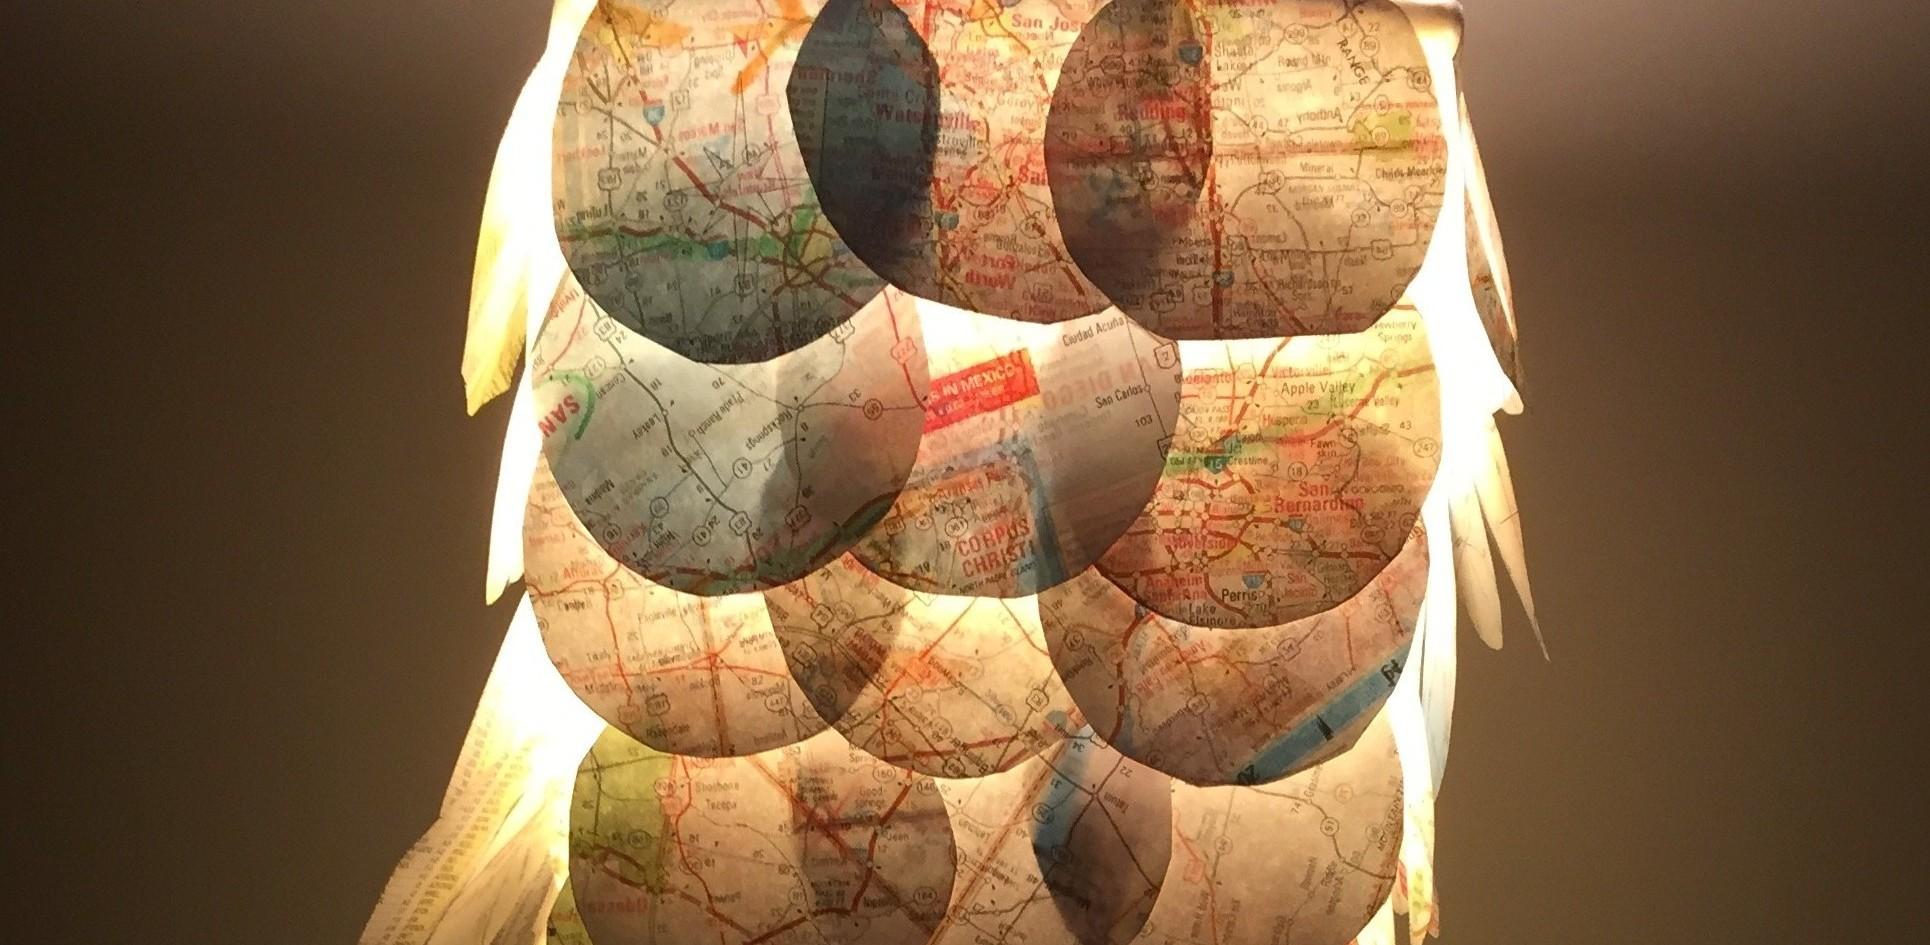 DIY: Paper Map Lamps